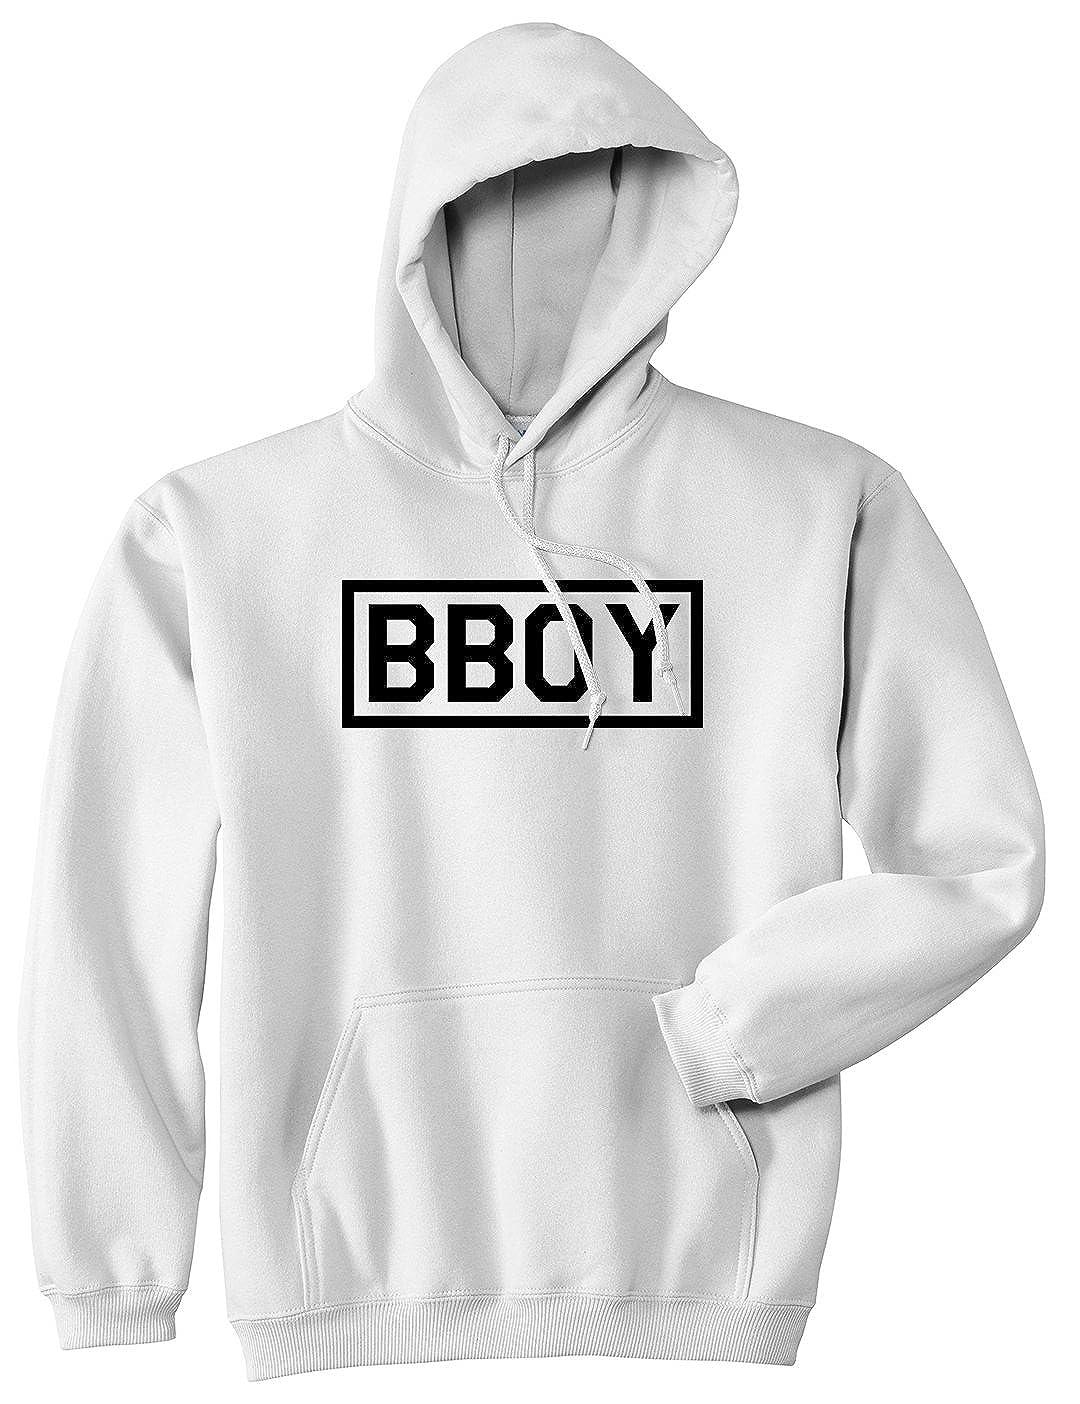 Kings Of NY Bboy Breakdancing Pullover Hoodie Hoody